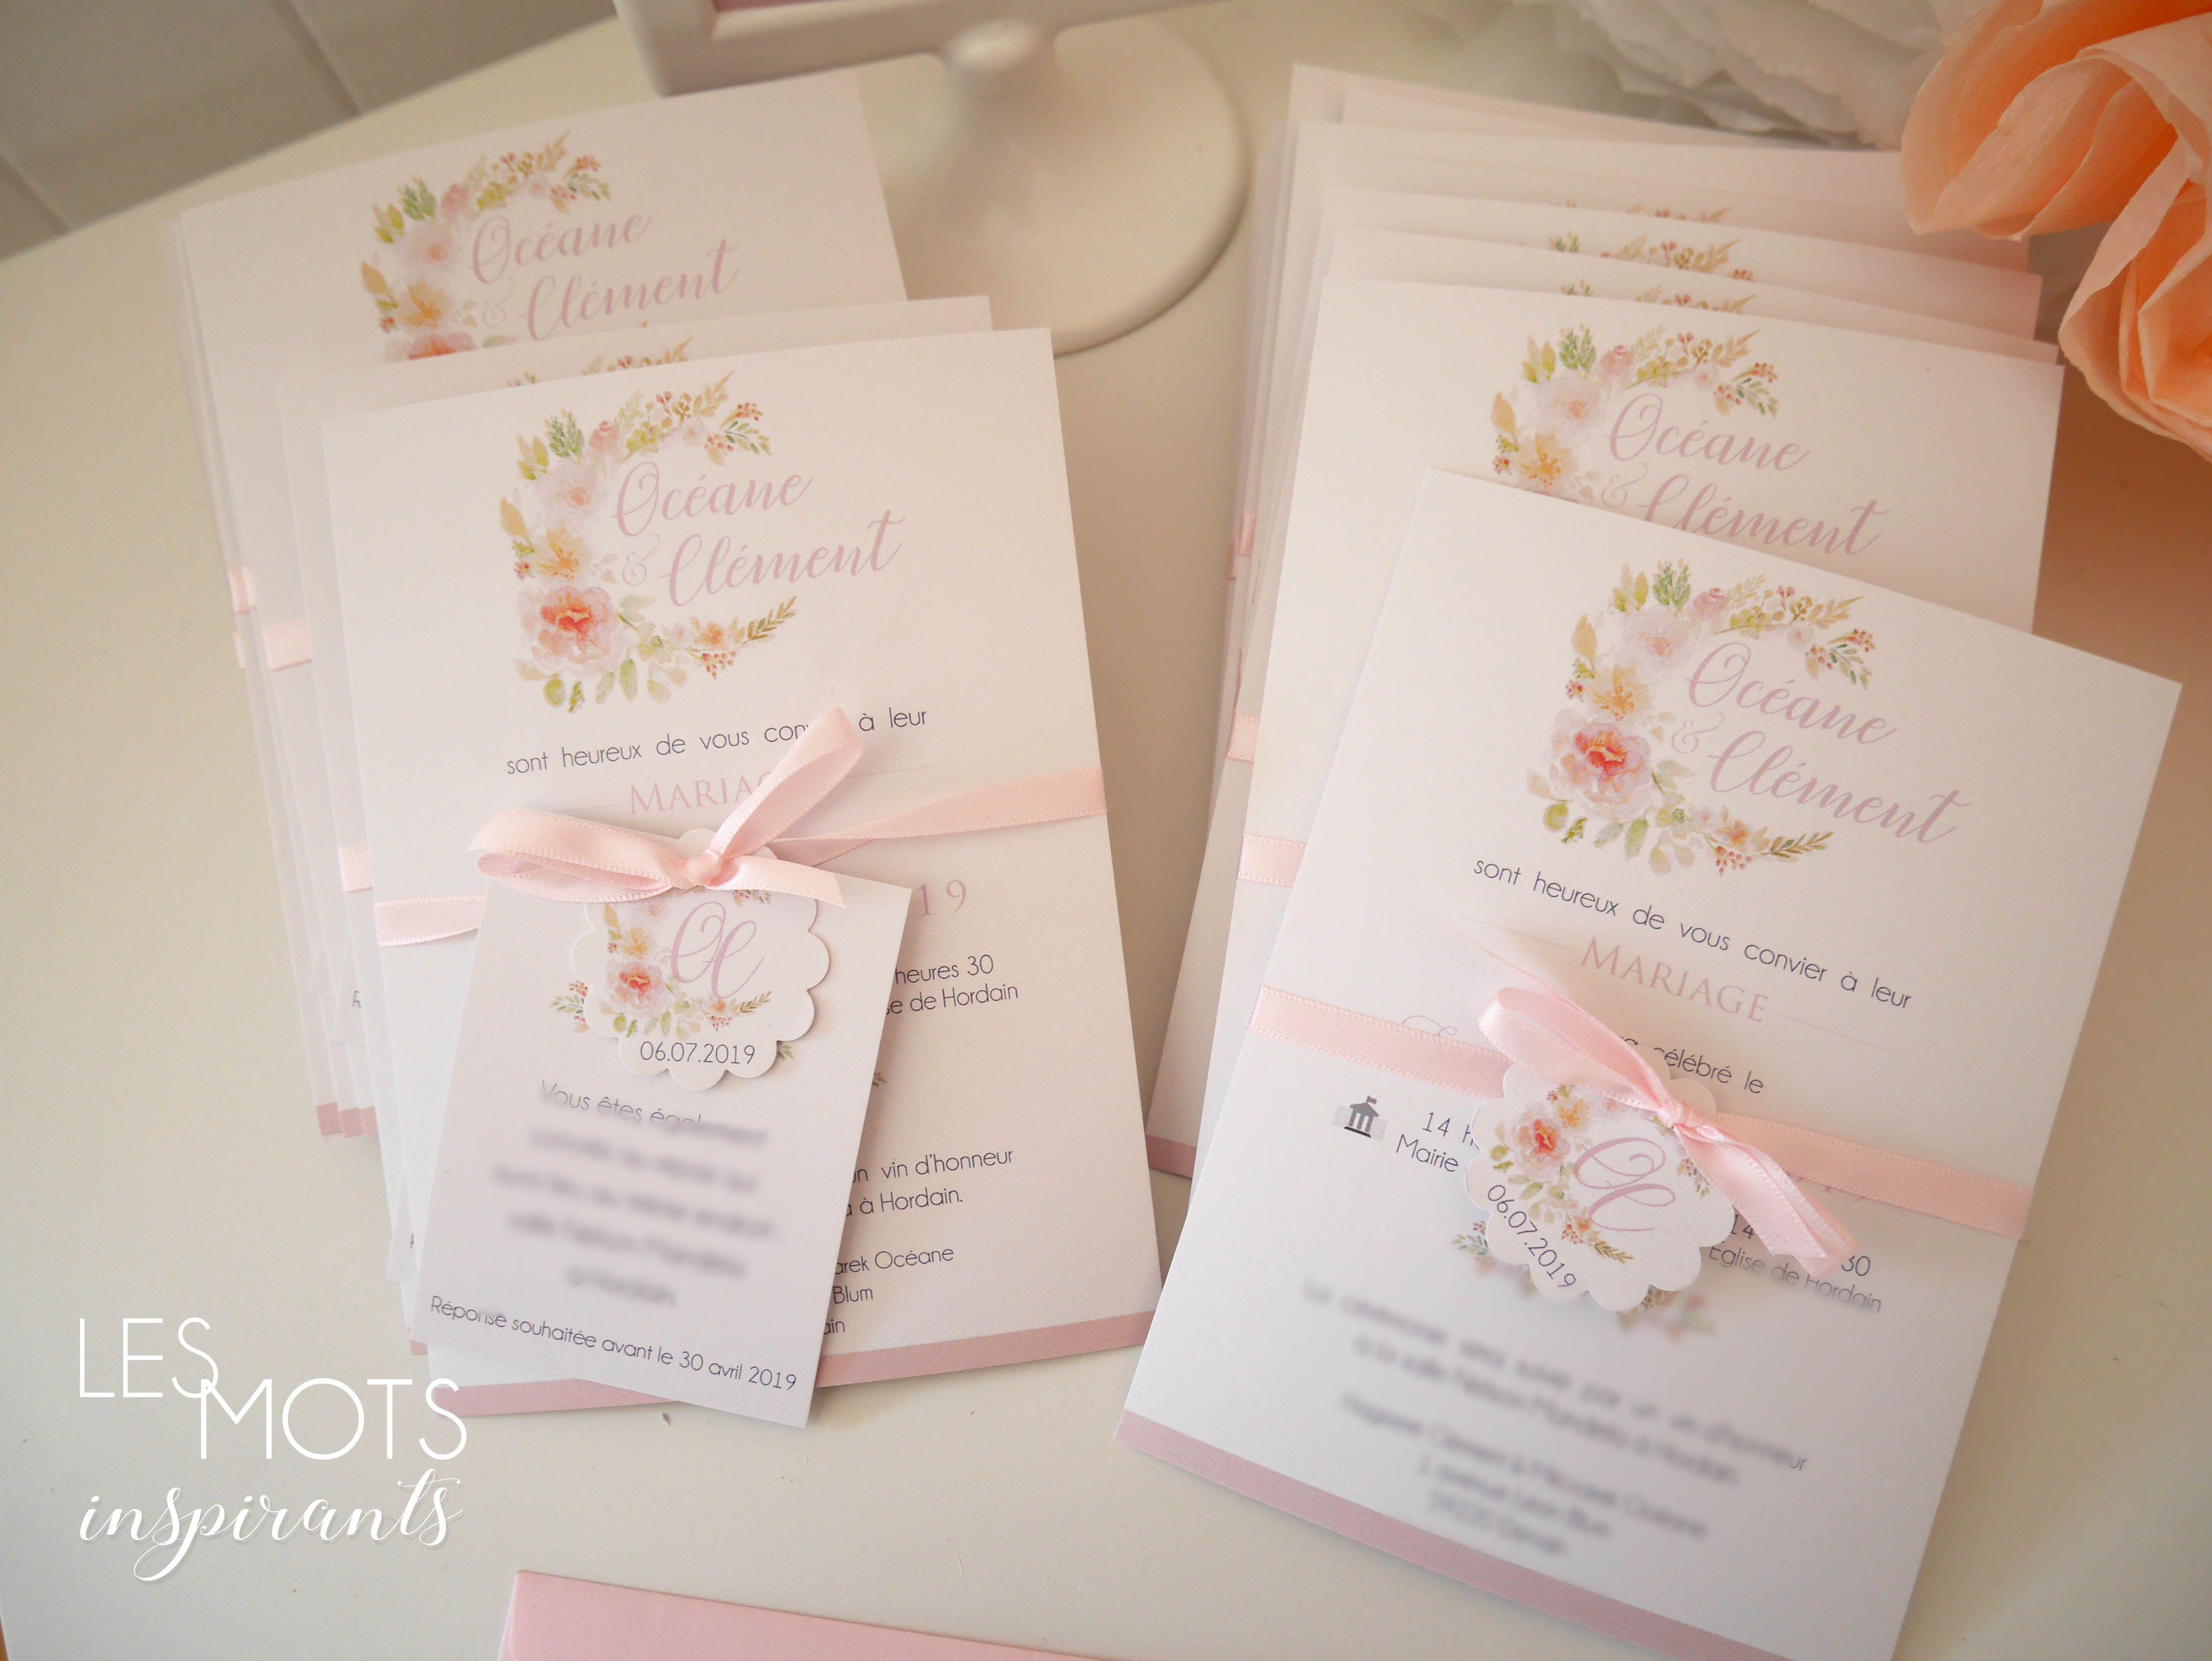 Faire-part mariage champêtre fleurs, invitation mariage fleurs, faire part mariage aquarelle,faire part moderne, enveloppe comprise